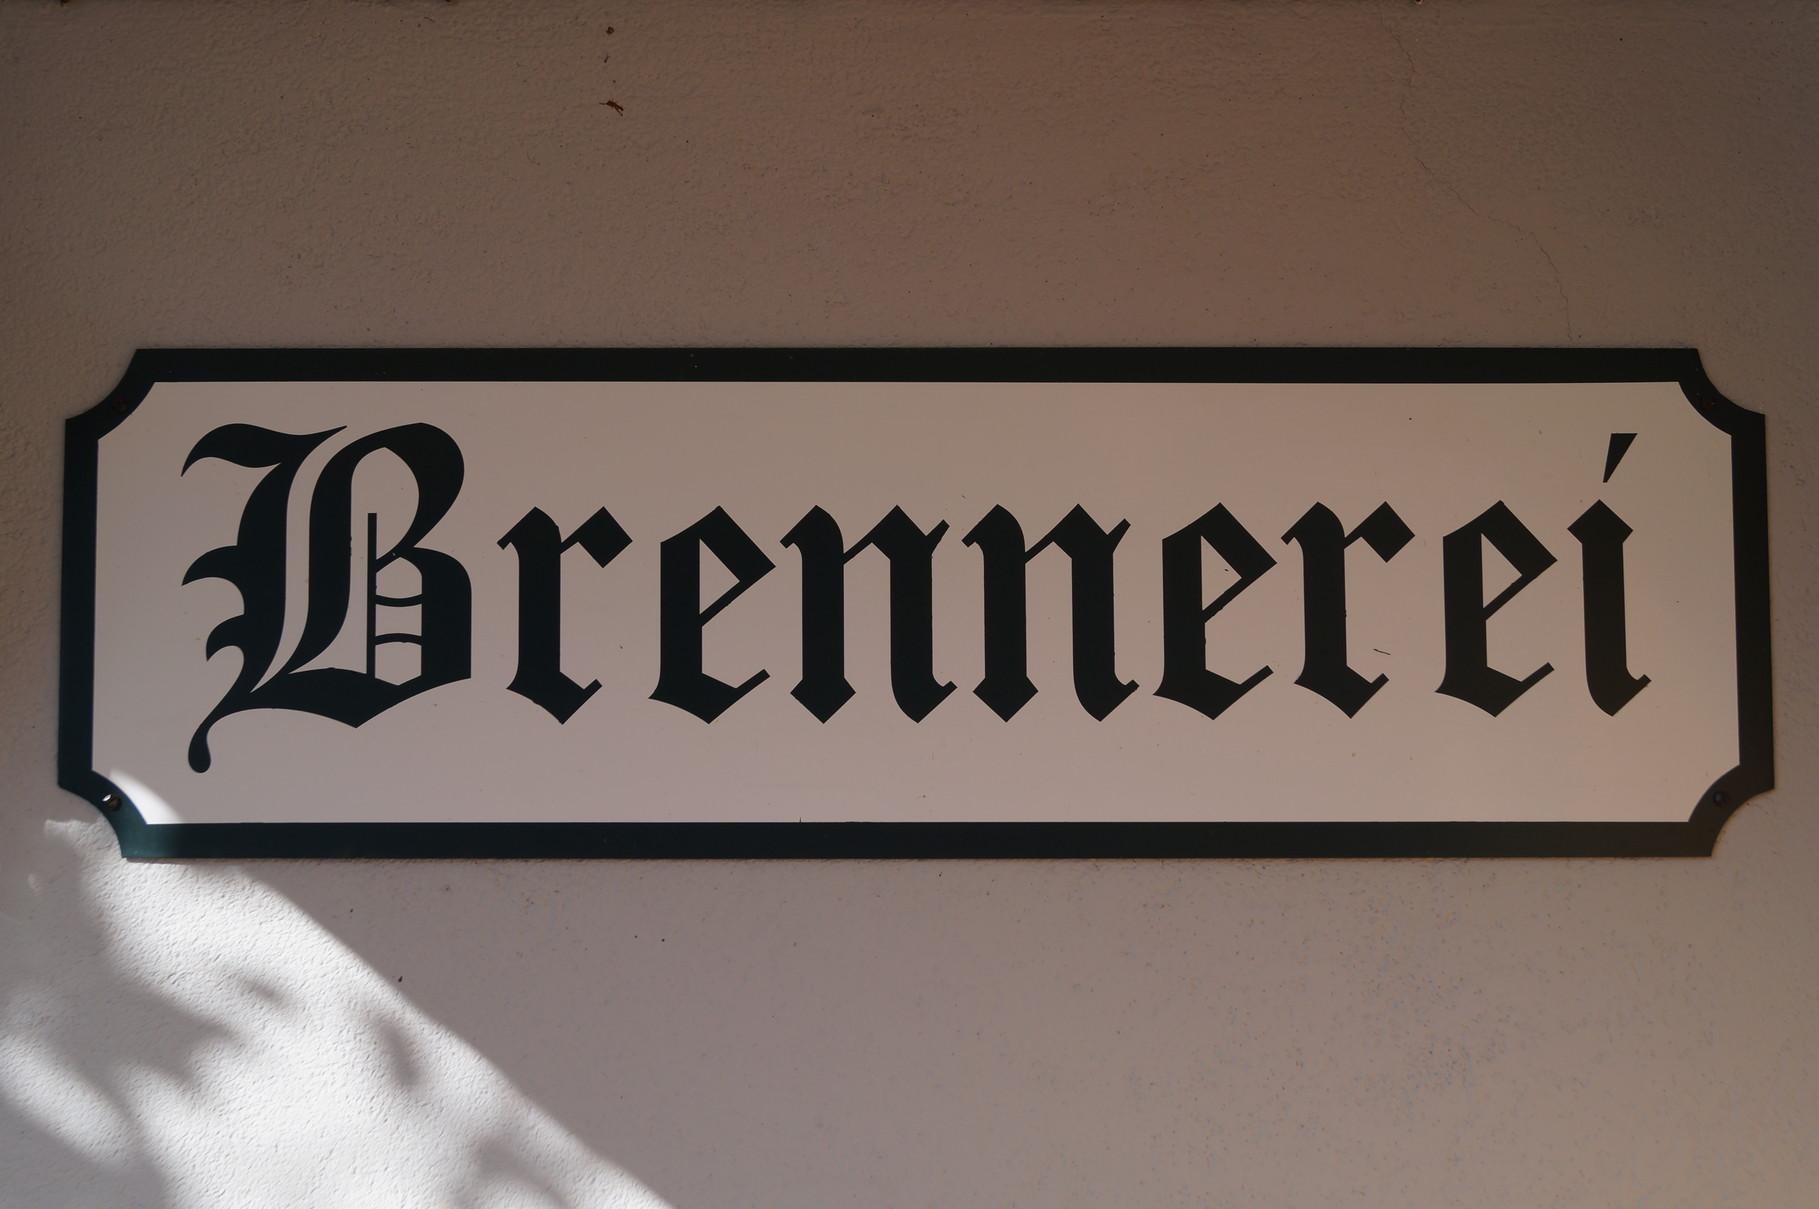 Eingangsschild zur Brennerei